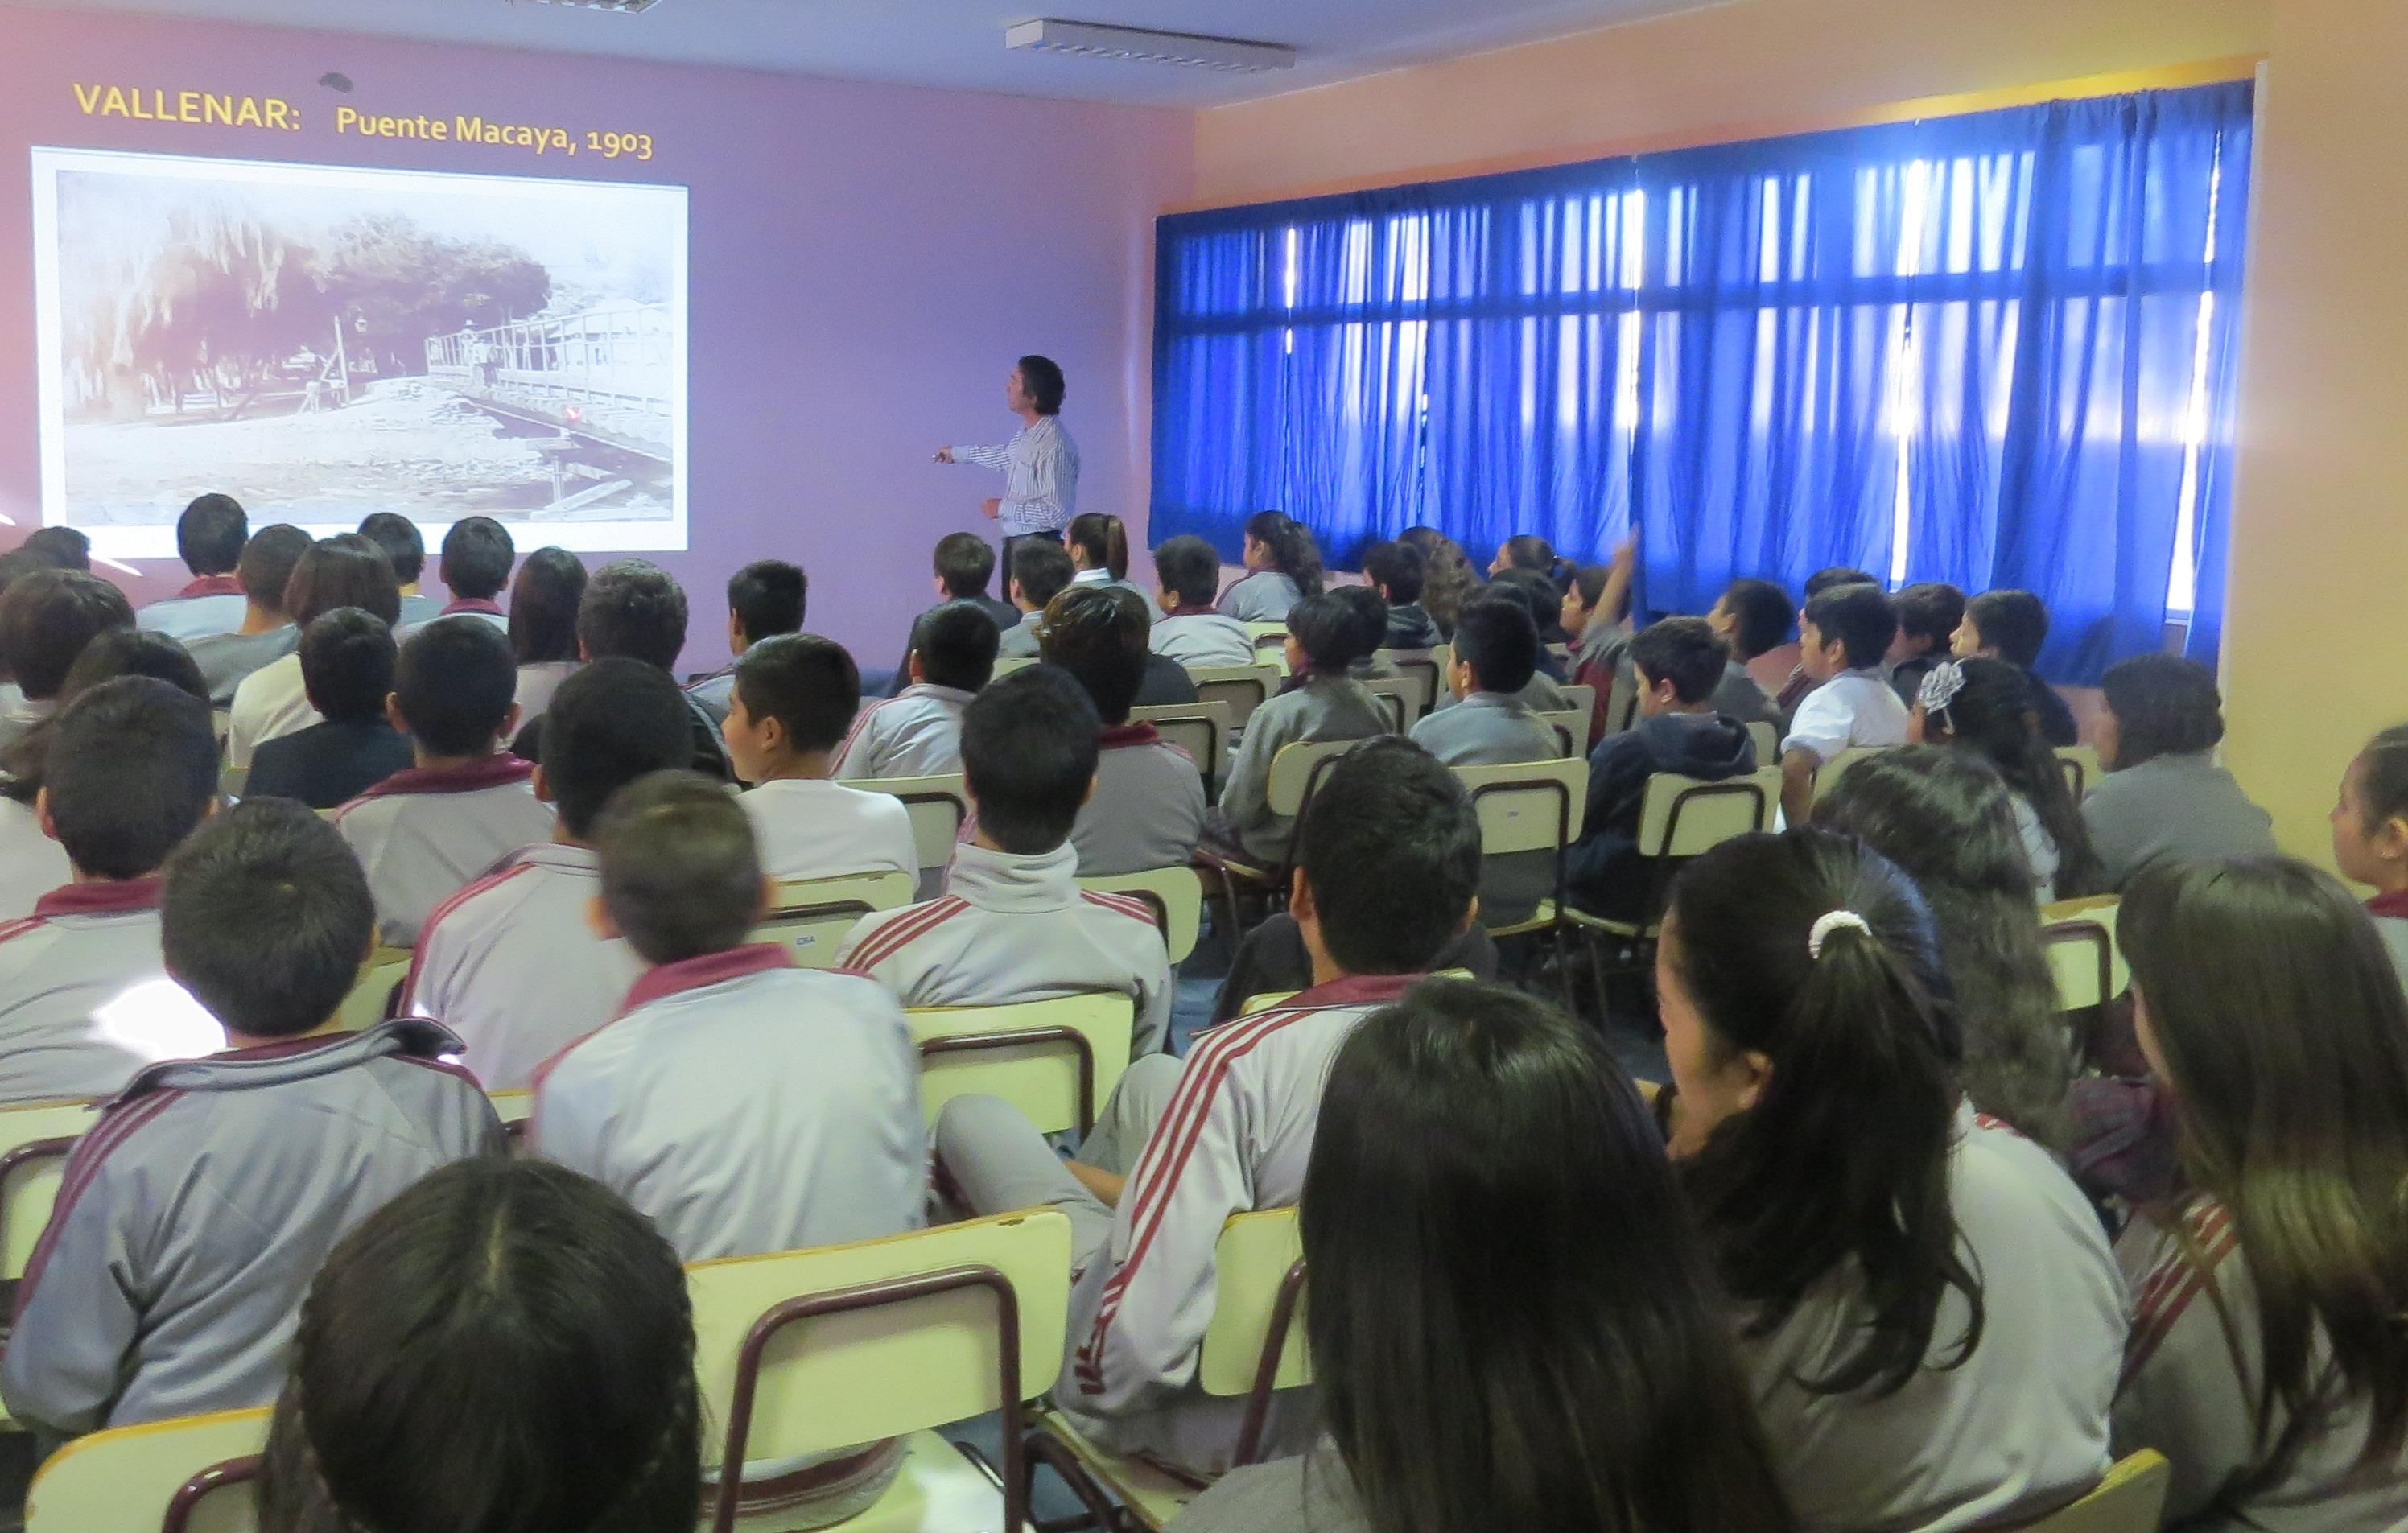 La Historia y Cultura del Valle del Huaco entra a las aulas de Vallenar